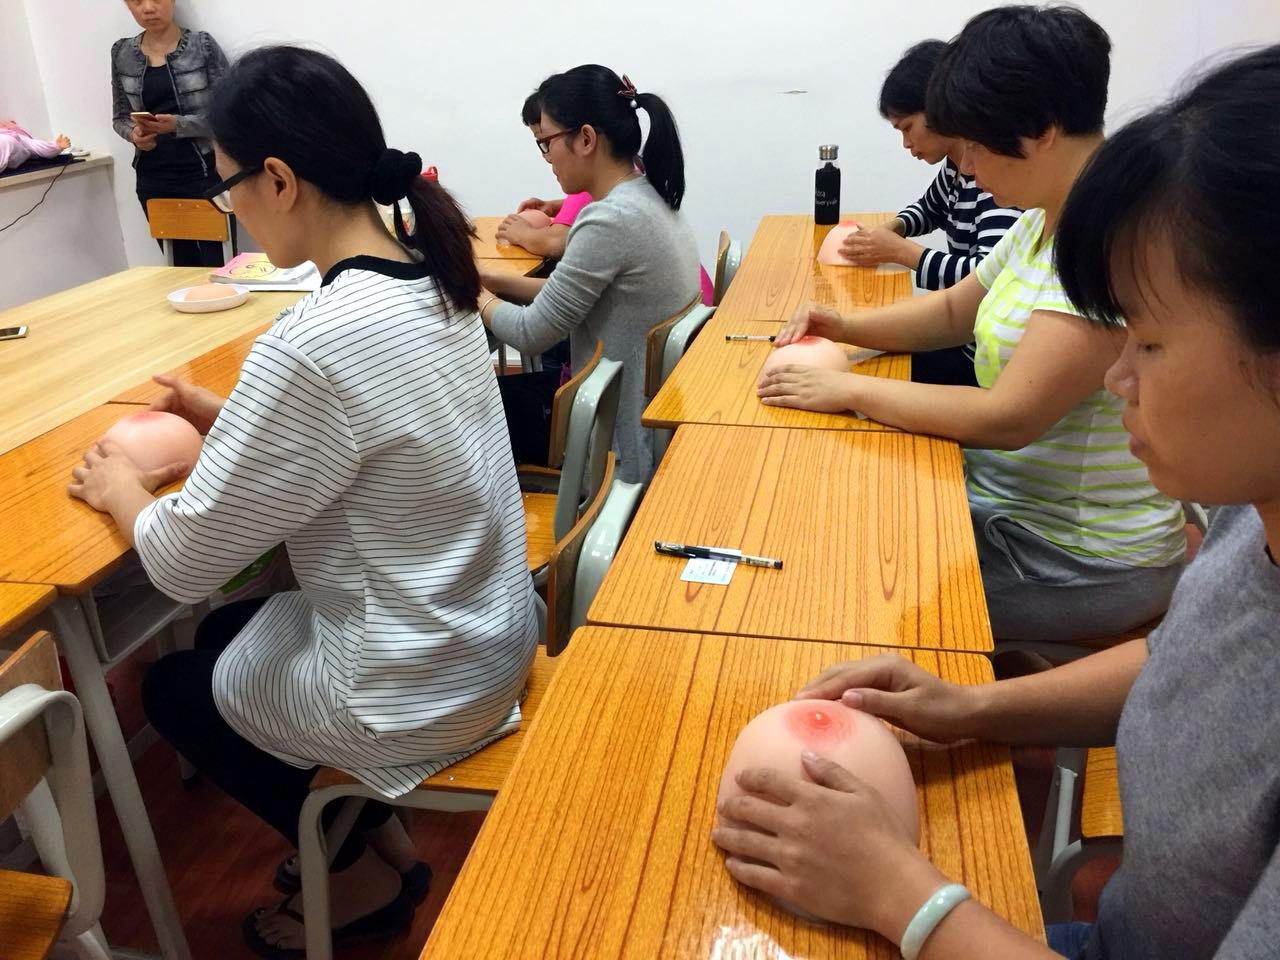 广州催乳师培训哪个机构好